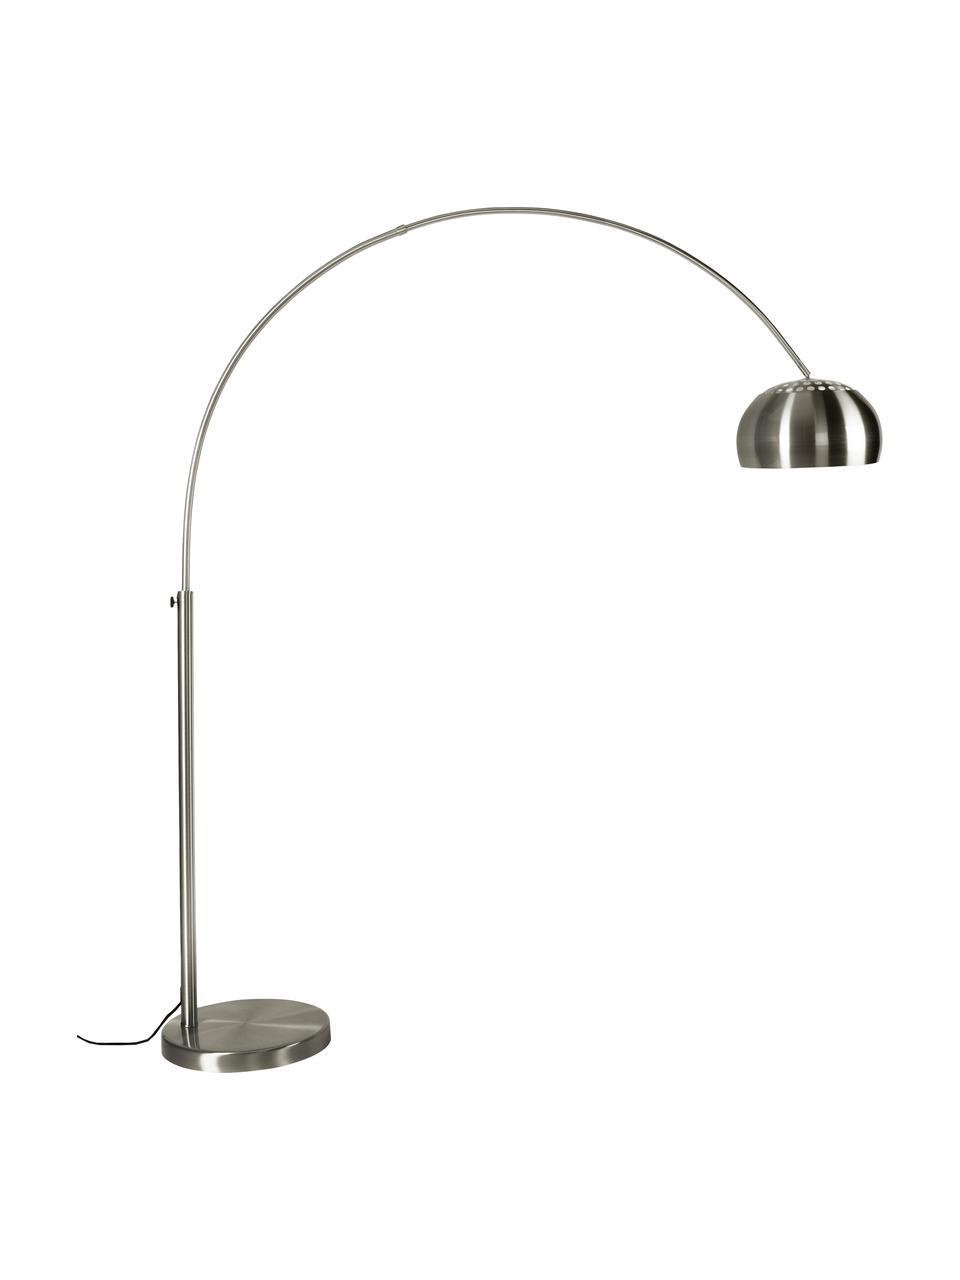 Lampa podłogowa w kształcie łuku z metalu Bow, Stelaż: metal szczotkowany, Metal, S 170 x W 205 cm